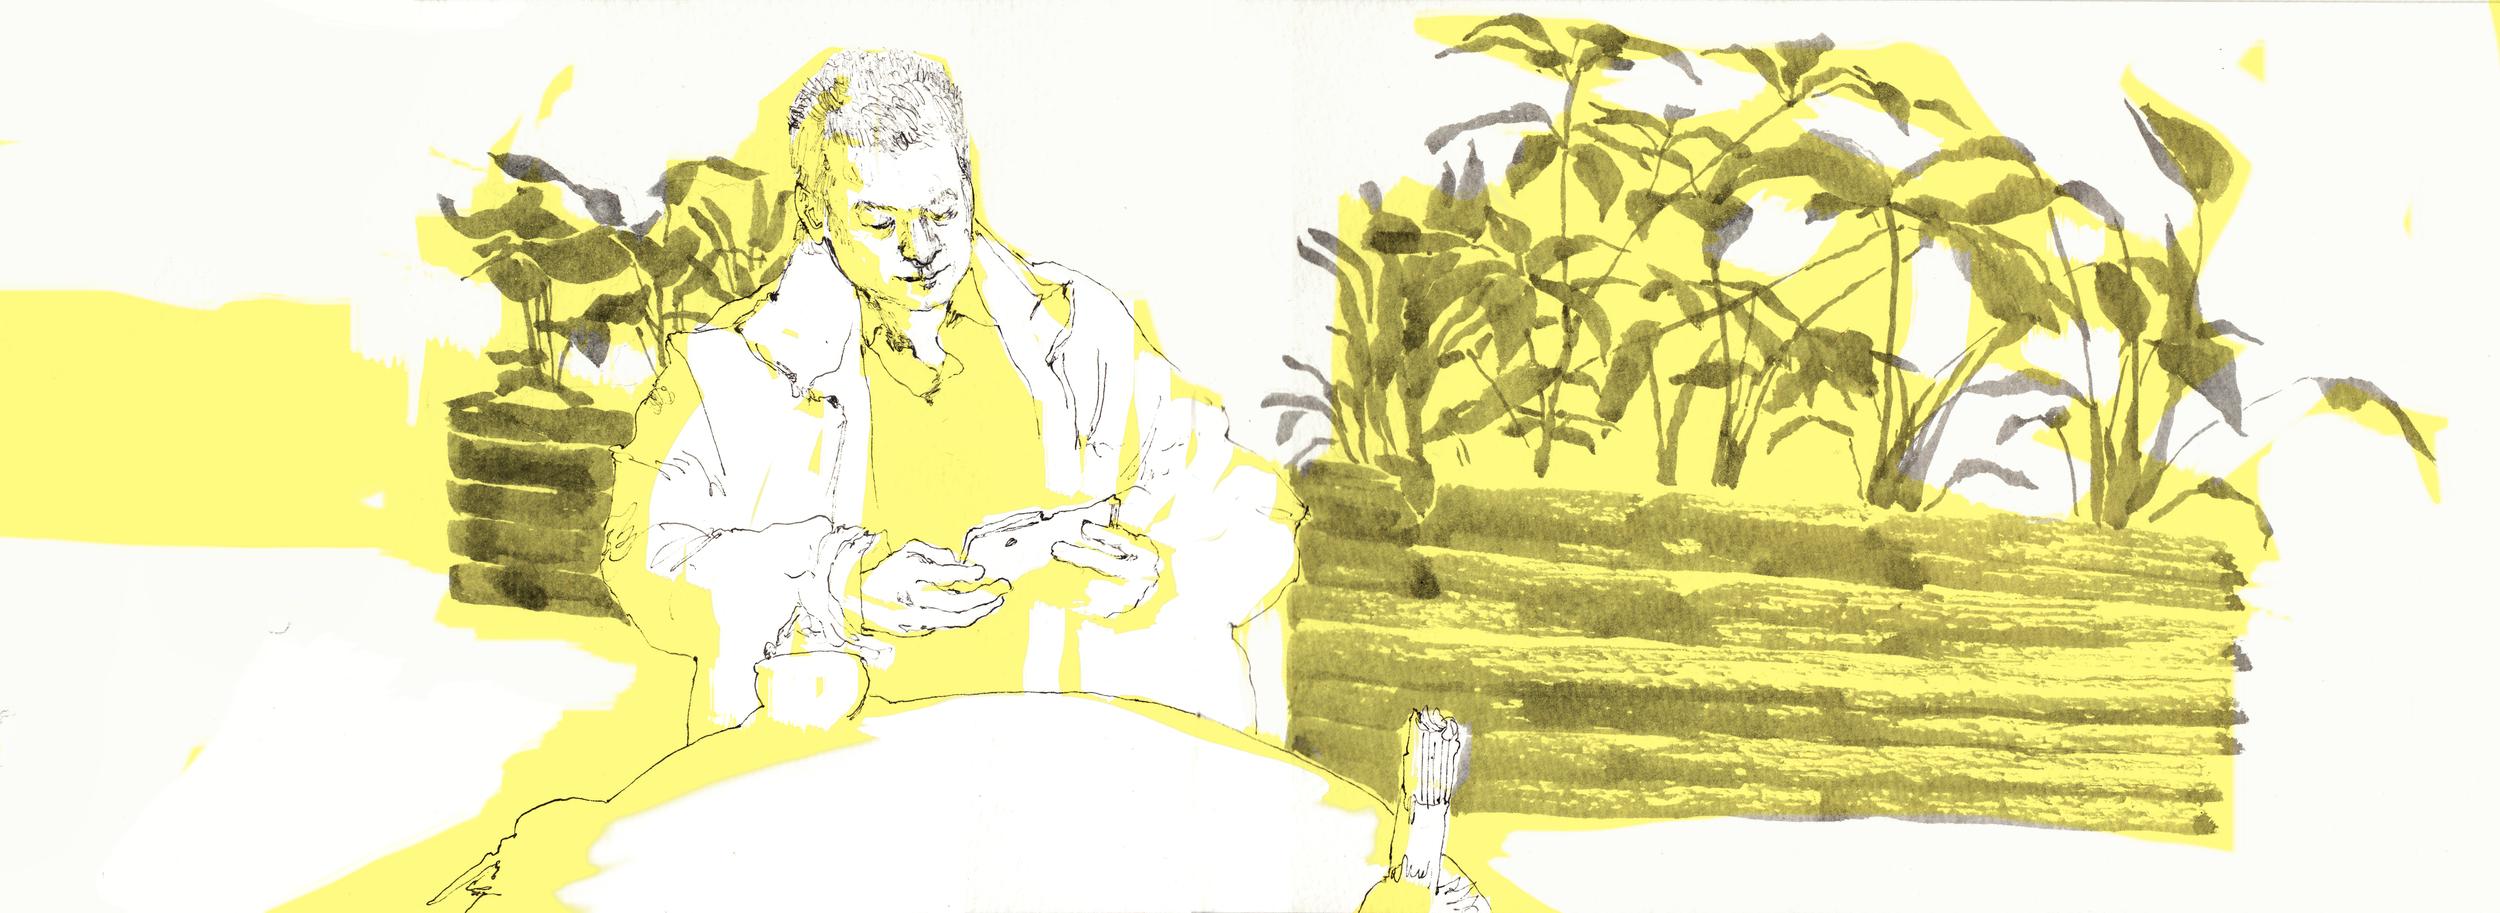 tokyo-sketch1-3.jpg